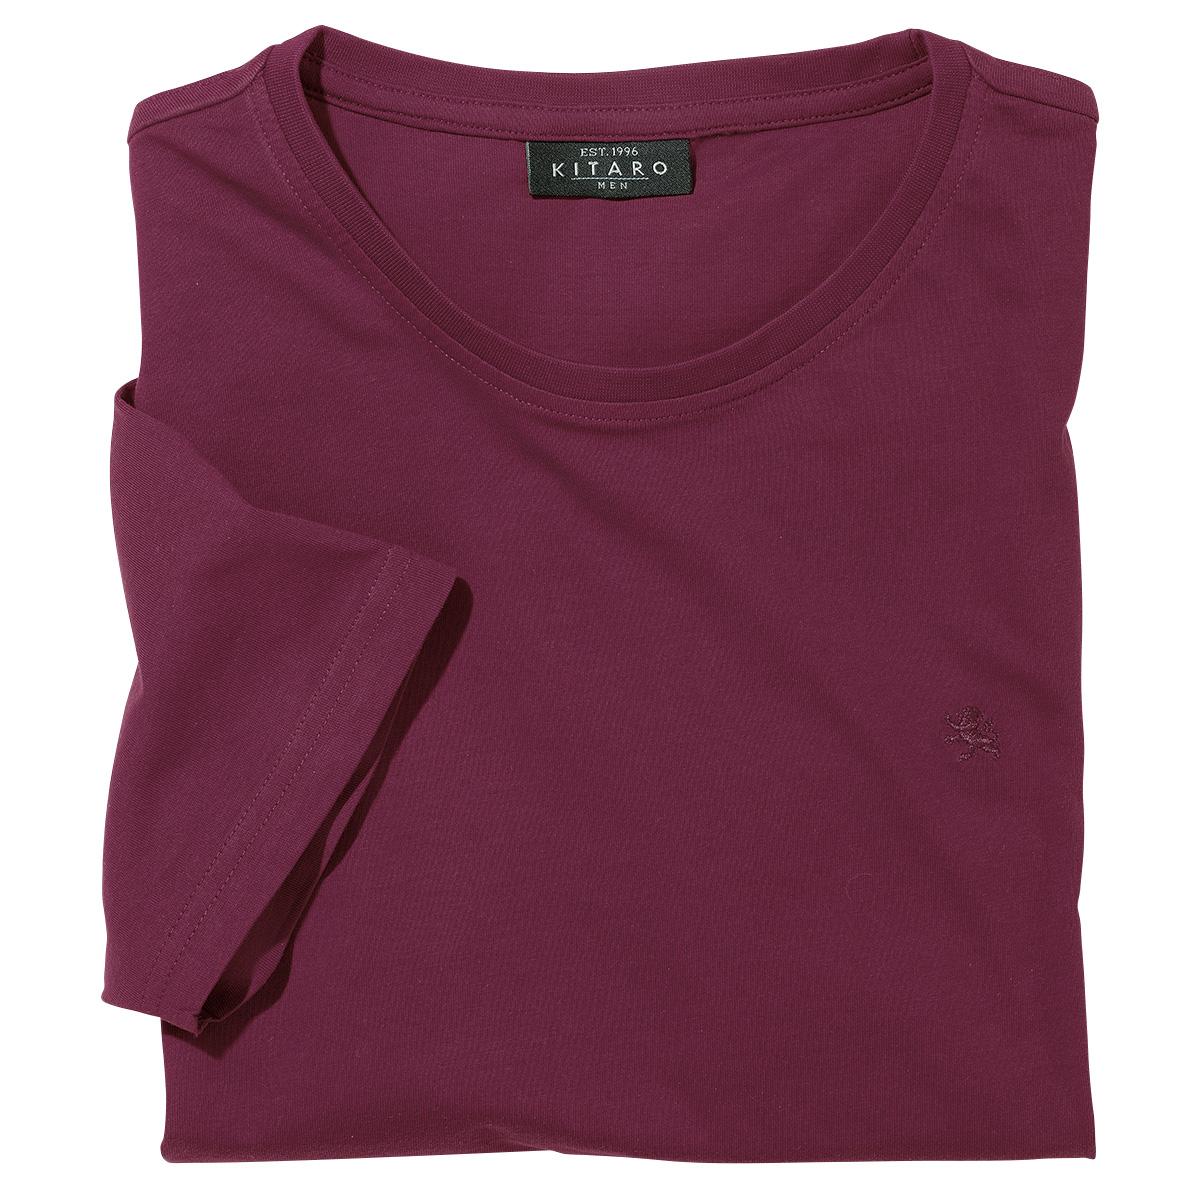 Inspirierend Farbe Beere Foto Von Kitaro | Uni T Shirt Baumwolle |